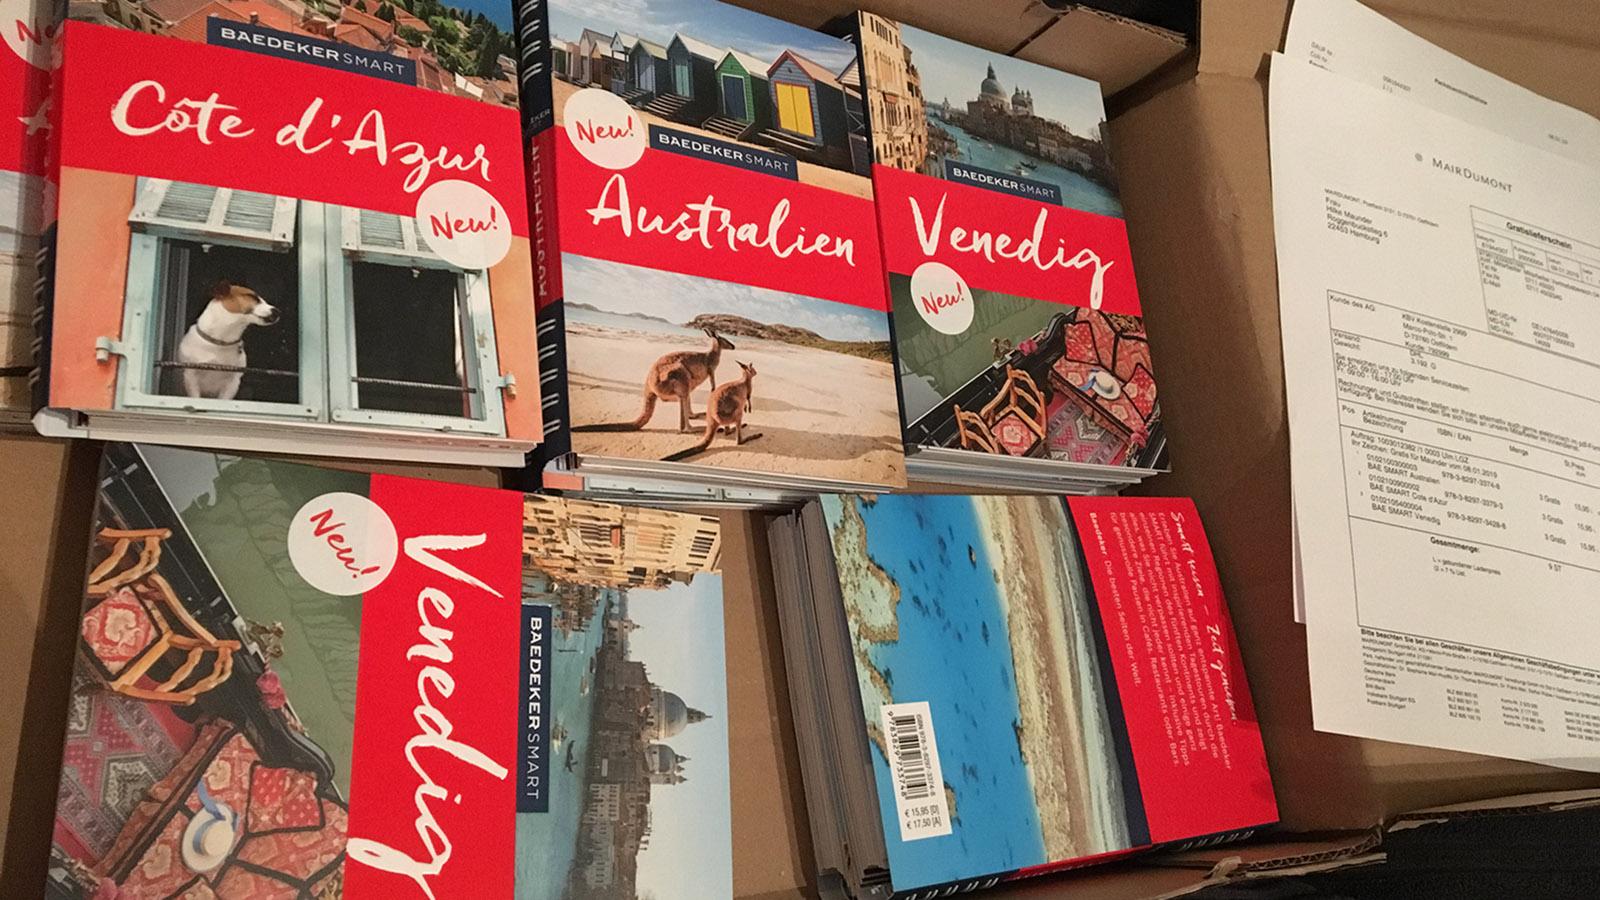 Meine Baedeker smart-Bände: allesamt 2018 getextet. Foto: Hilke Maunder